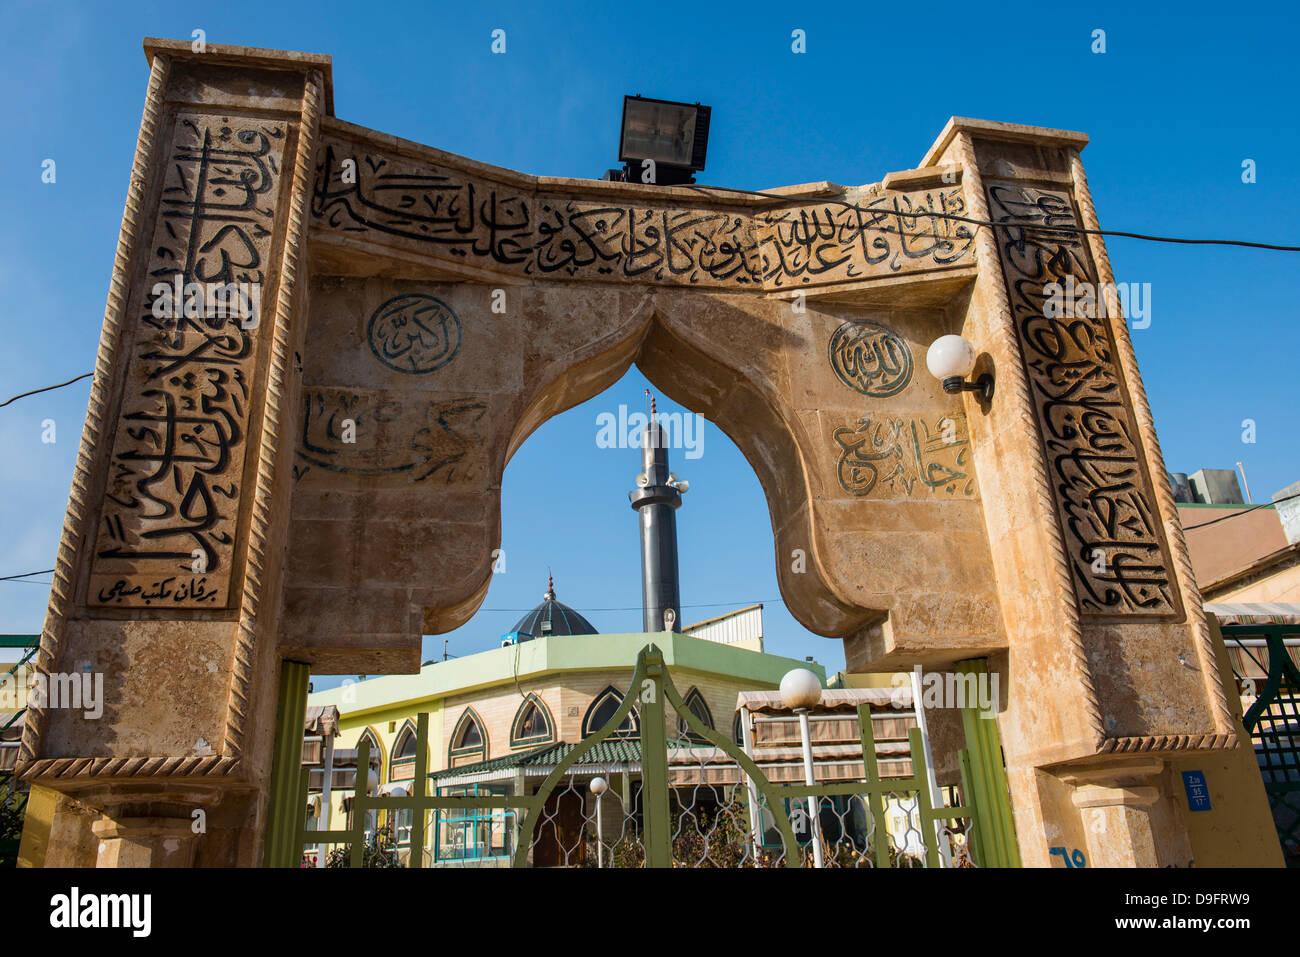 Eingang zur zentralen Moschee von Dohuk, Irak, Kurdistan-Irak, Naher Osten Stockbild